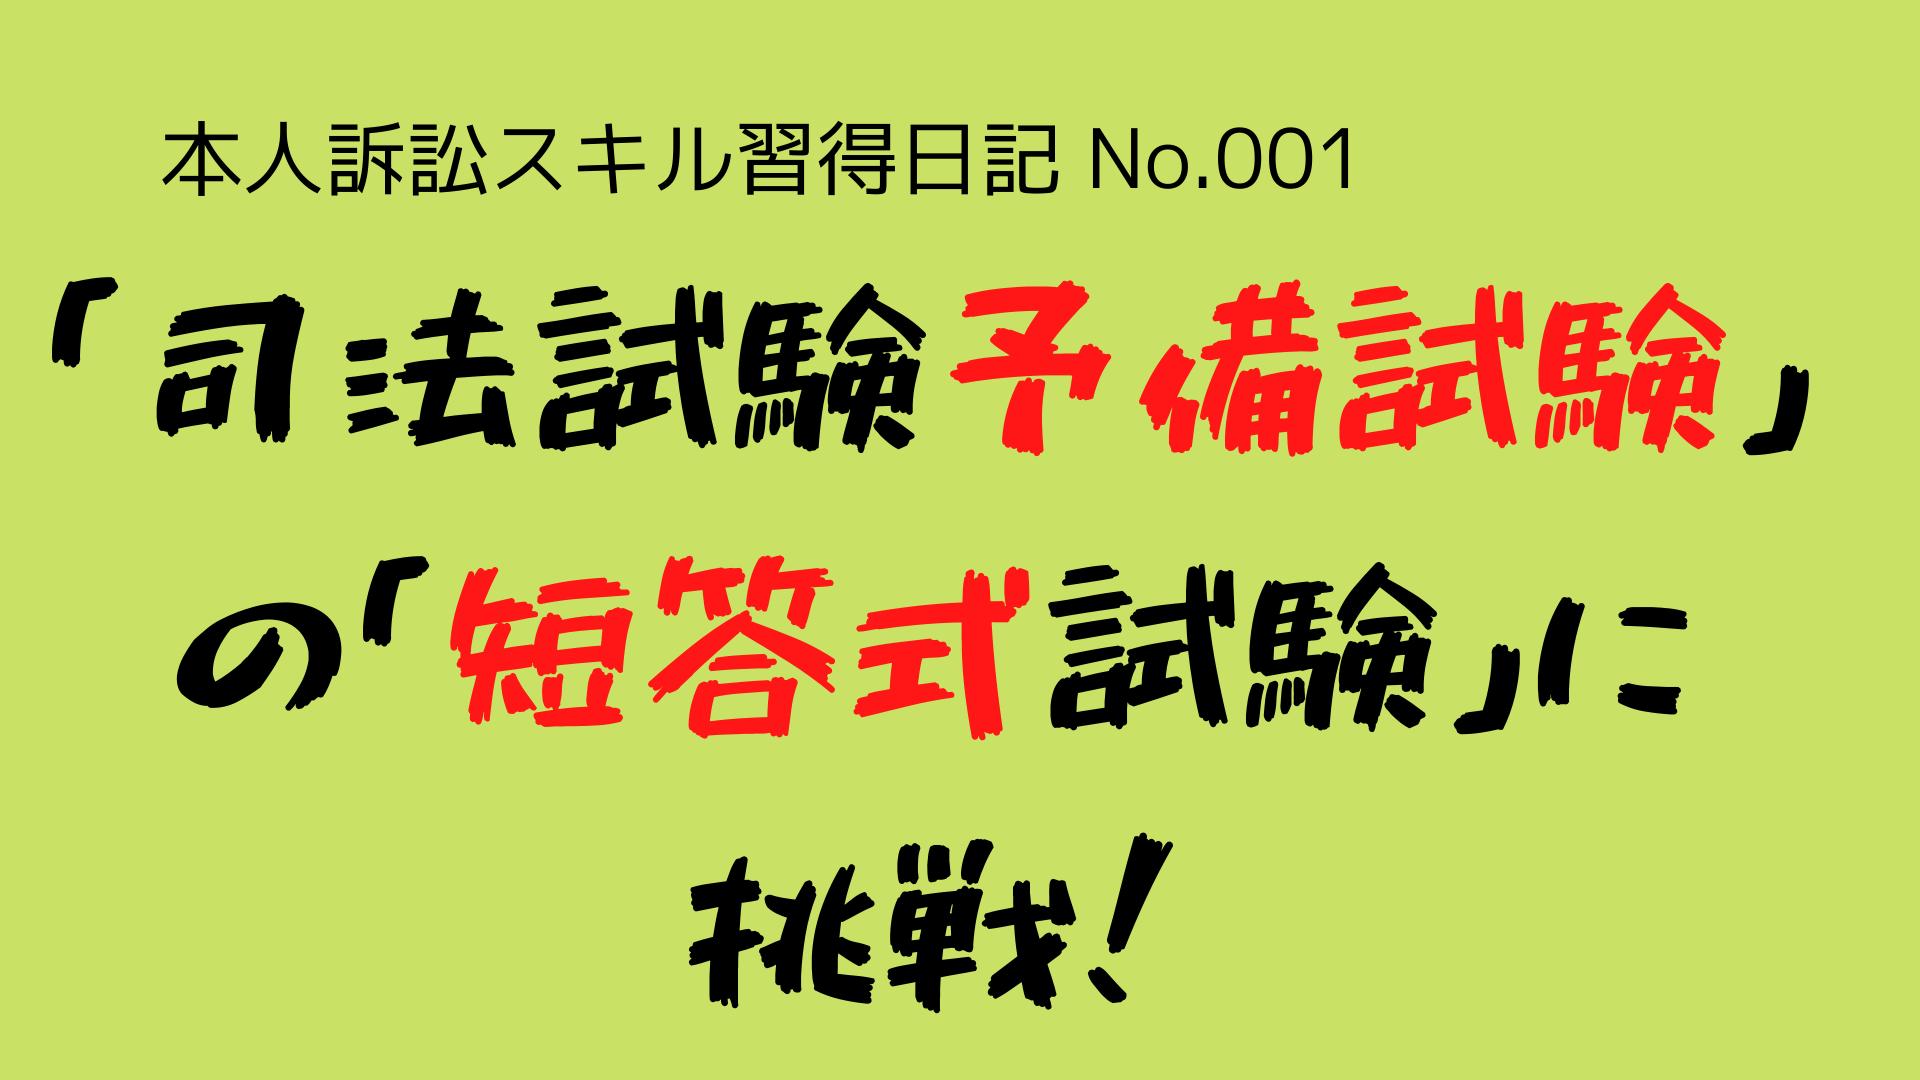 (本人訴訟スキル習得日記-No.001)本人訴訟ができる知識を得るため、「司法試験予備試験」の「短答式試験」に挑戦します!